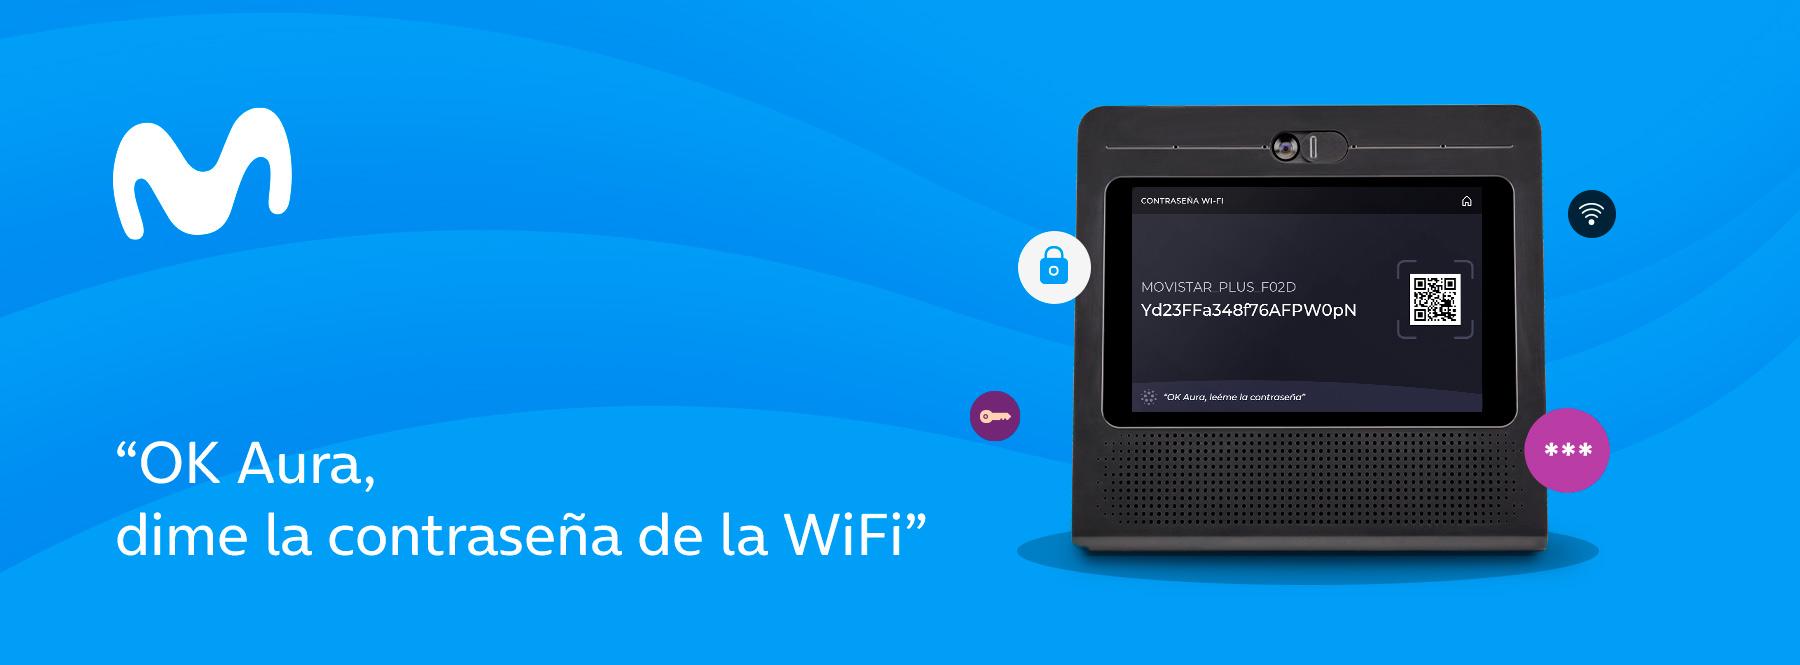 Cómo simplificar las gestiones de conectividad en el hogar con Movistar Home